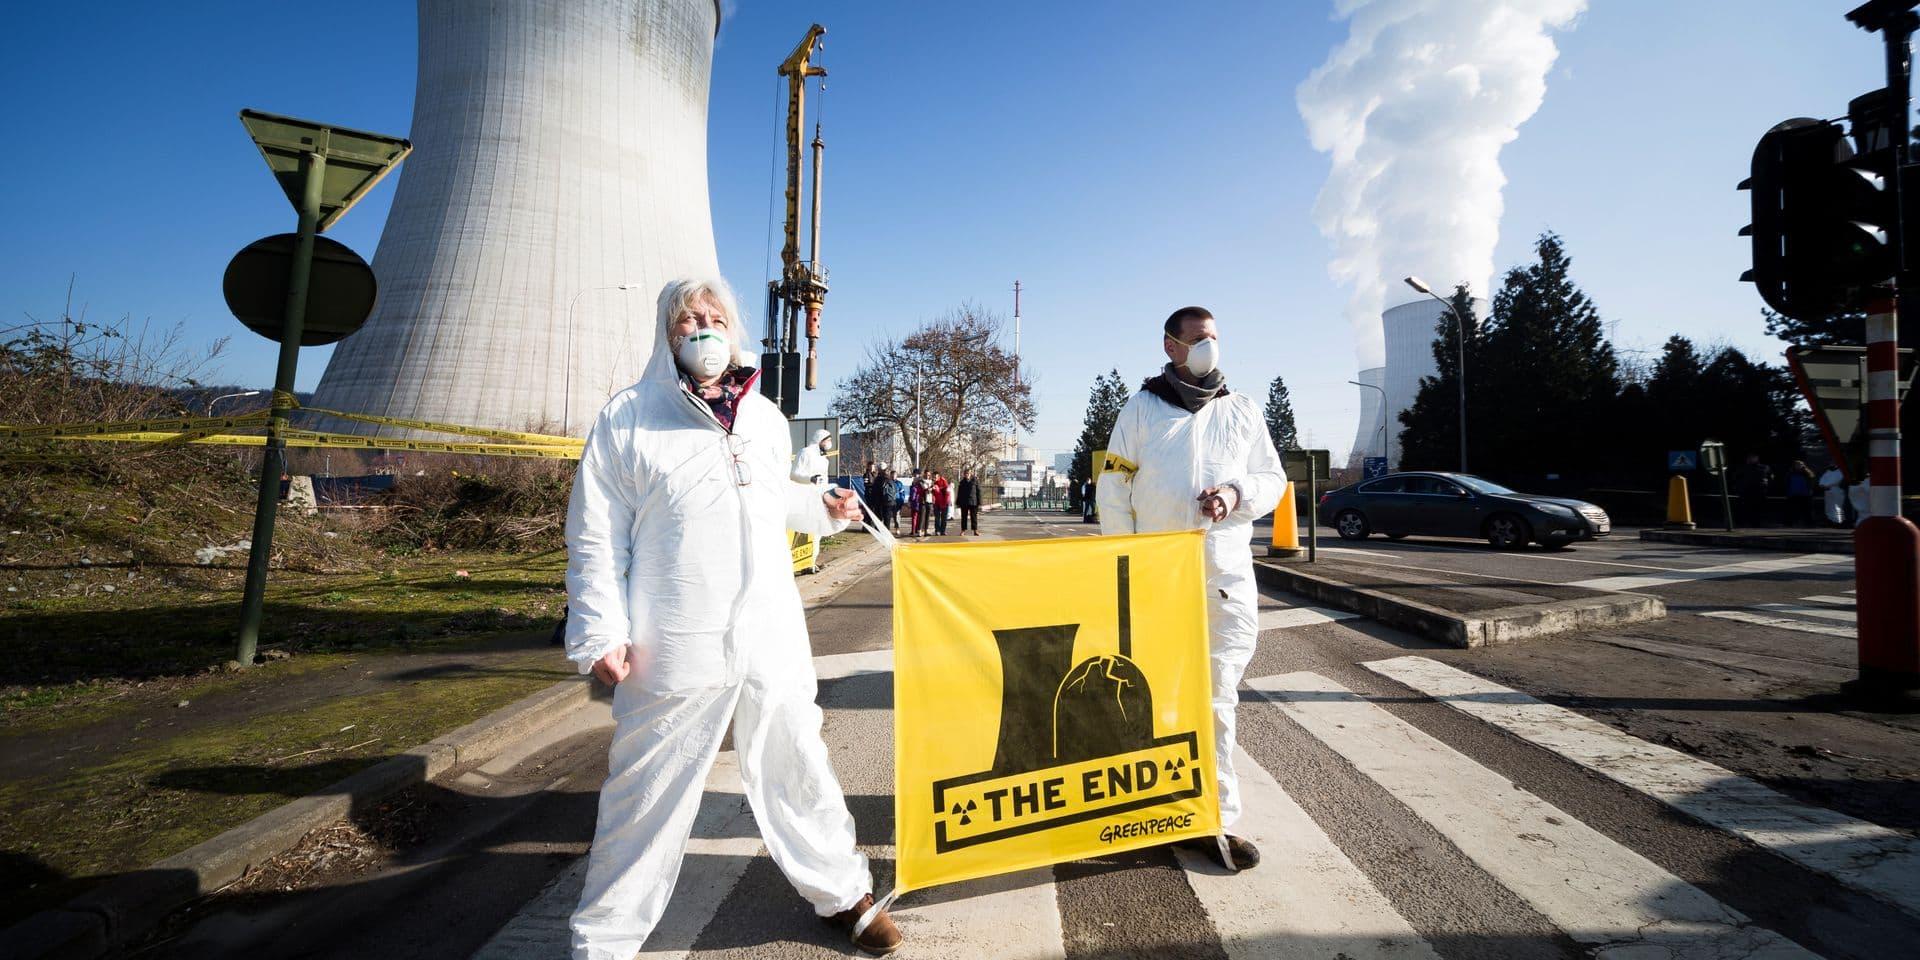 Huy dépendante de la centrale nucléaire ?